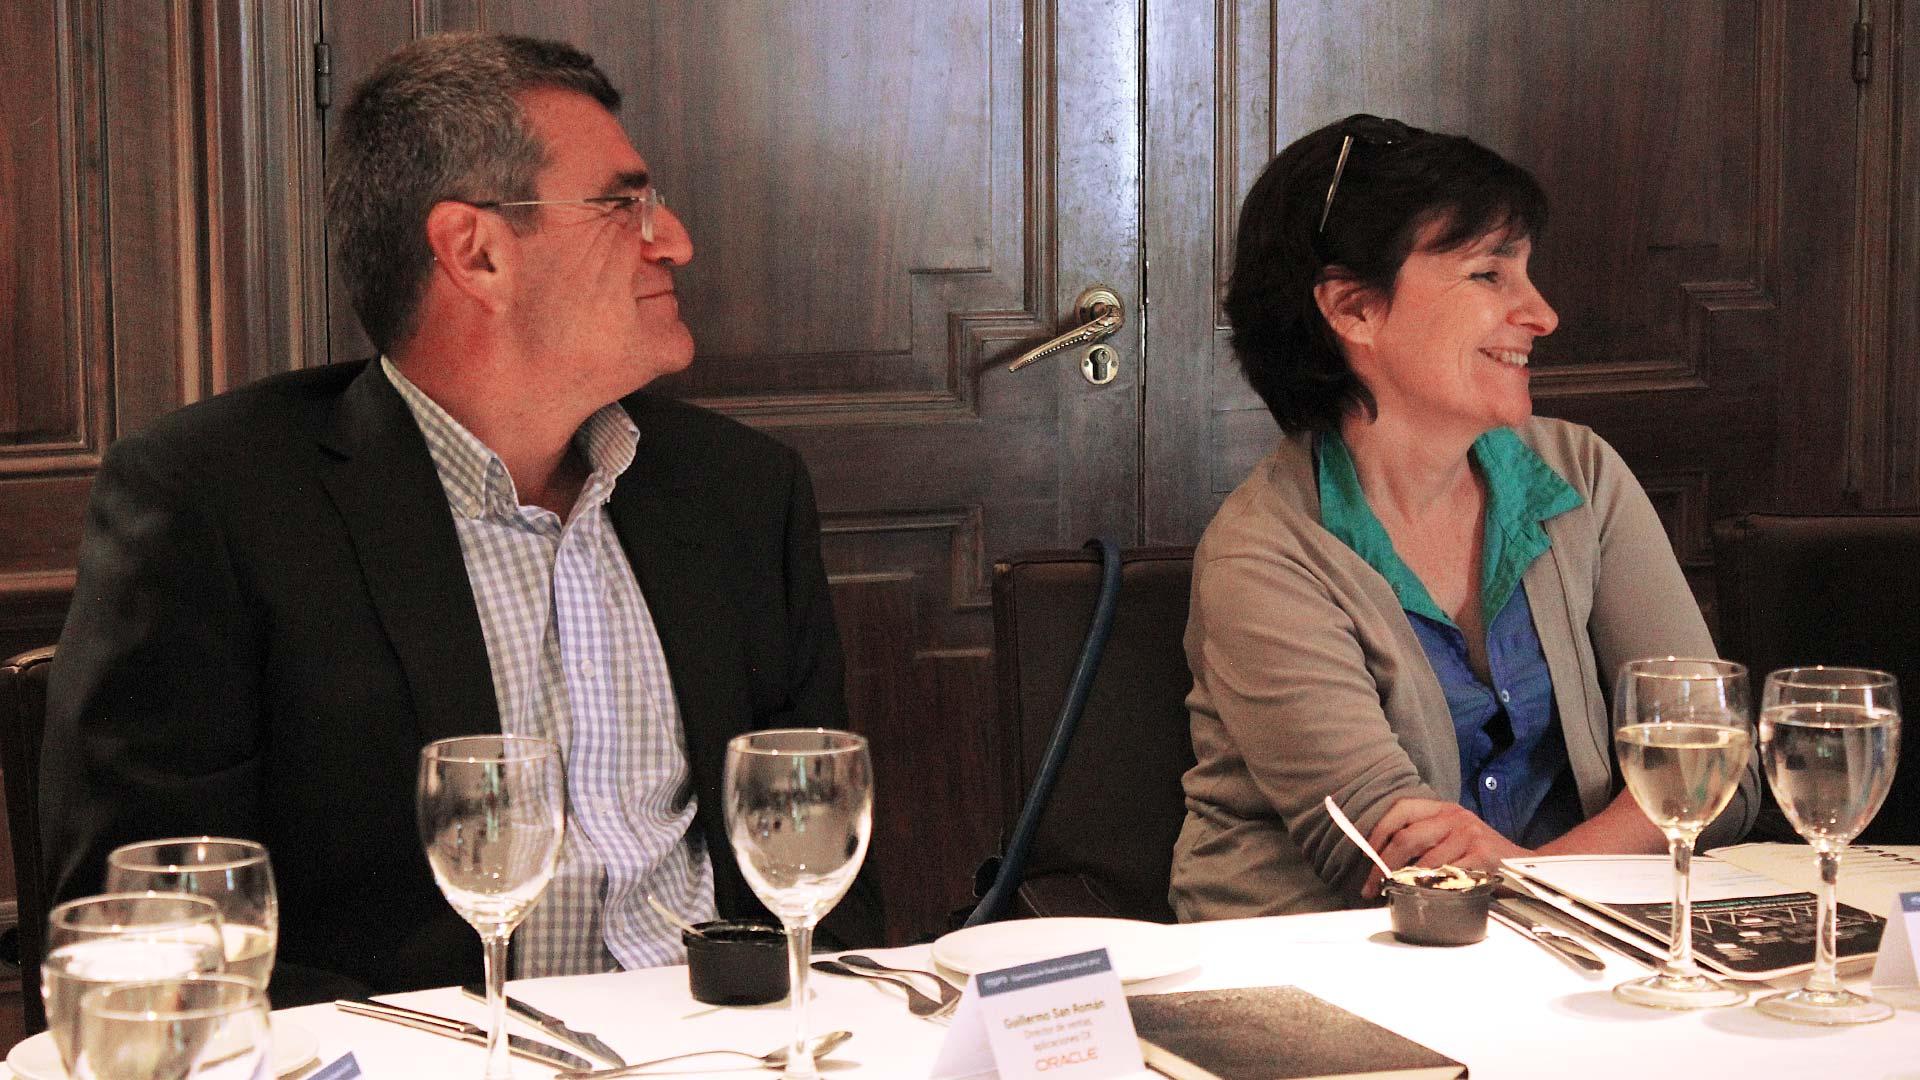 oracle_tpnet_evento_debate_mesa_redonda_informe_herramientas_experiencia_cliente_02